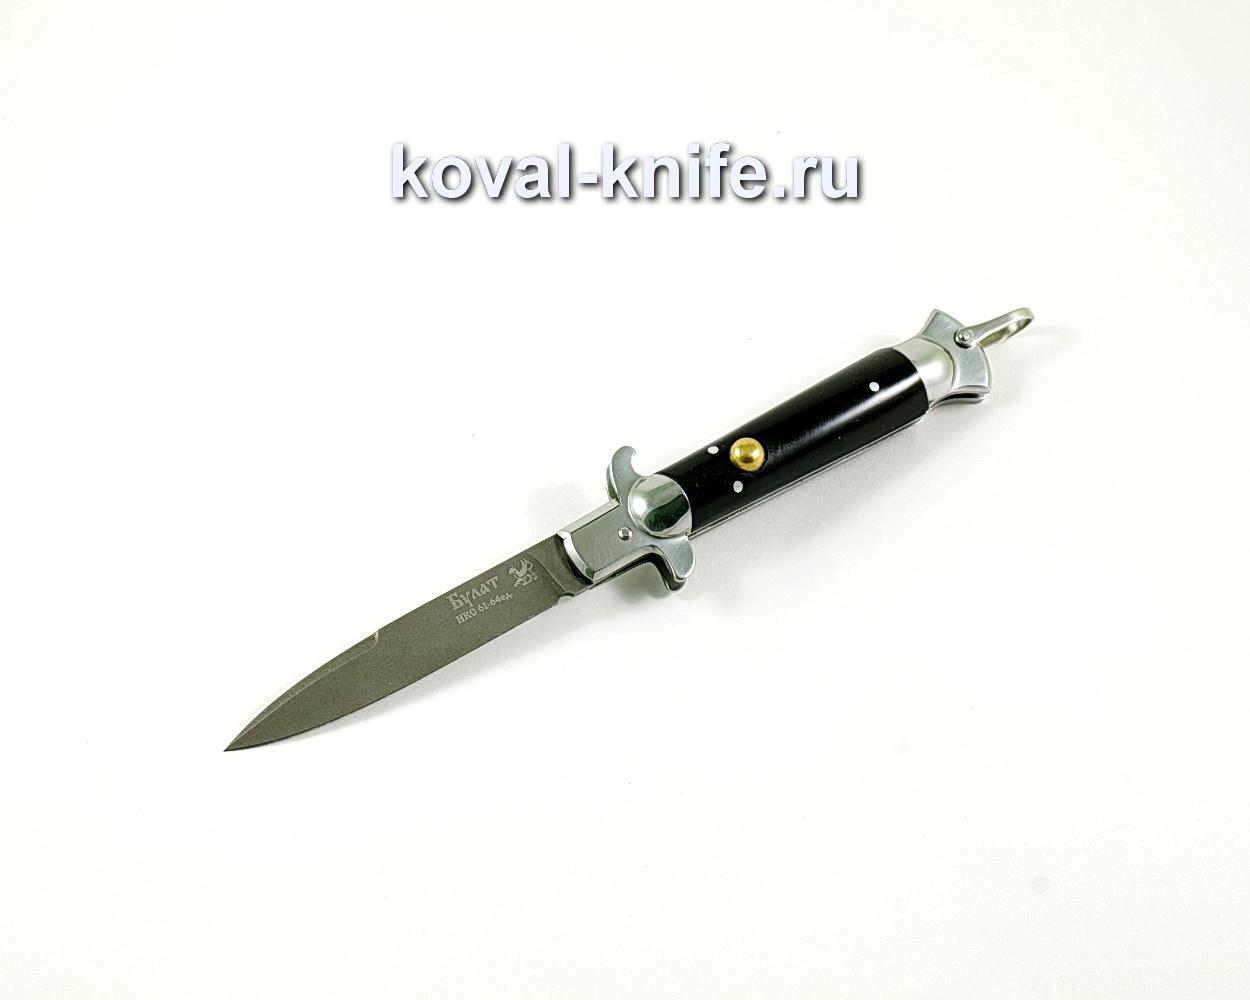 Нож Флинт (сталь Булат), рукоять эбонит A329